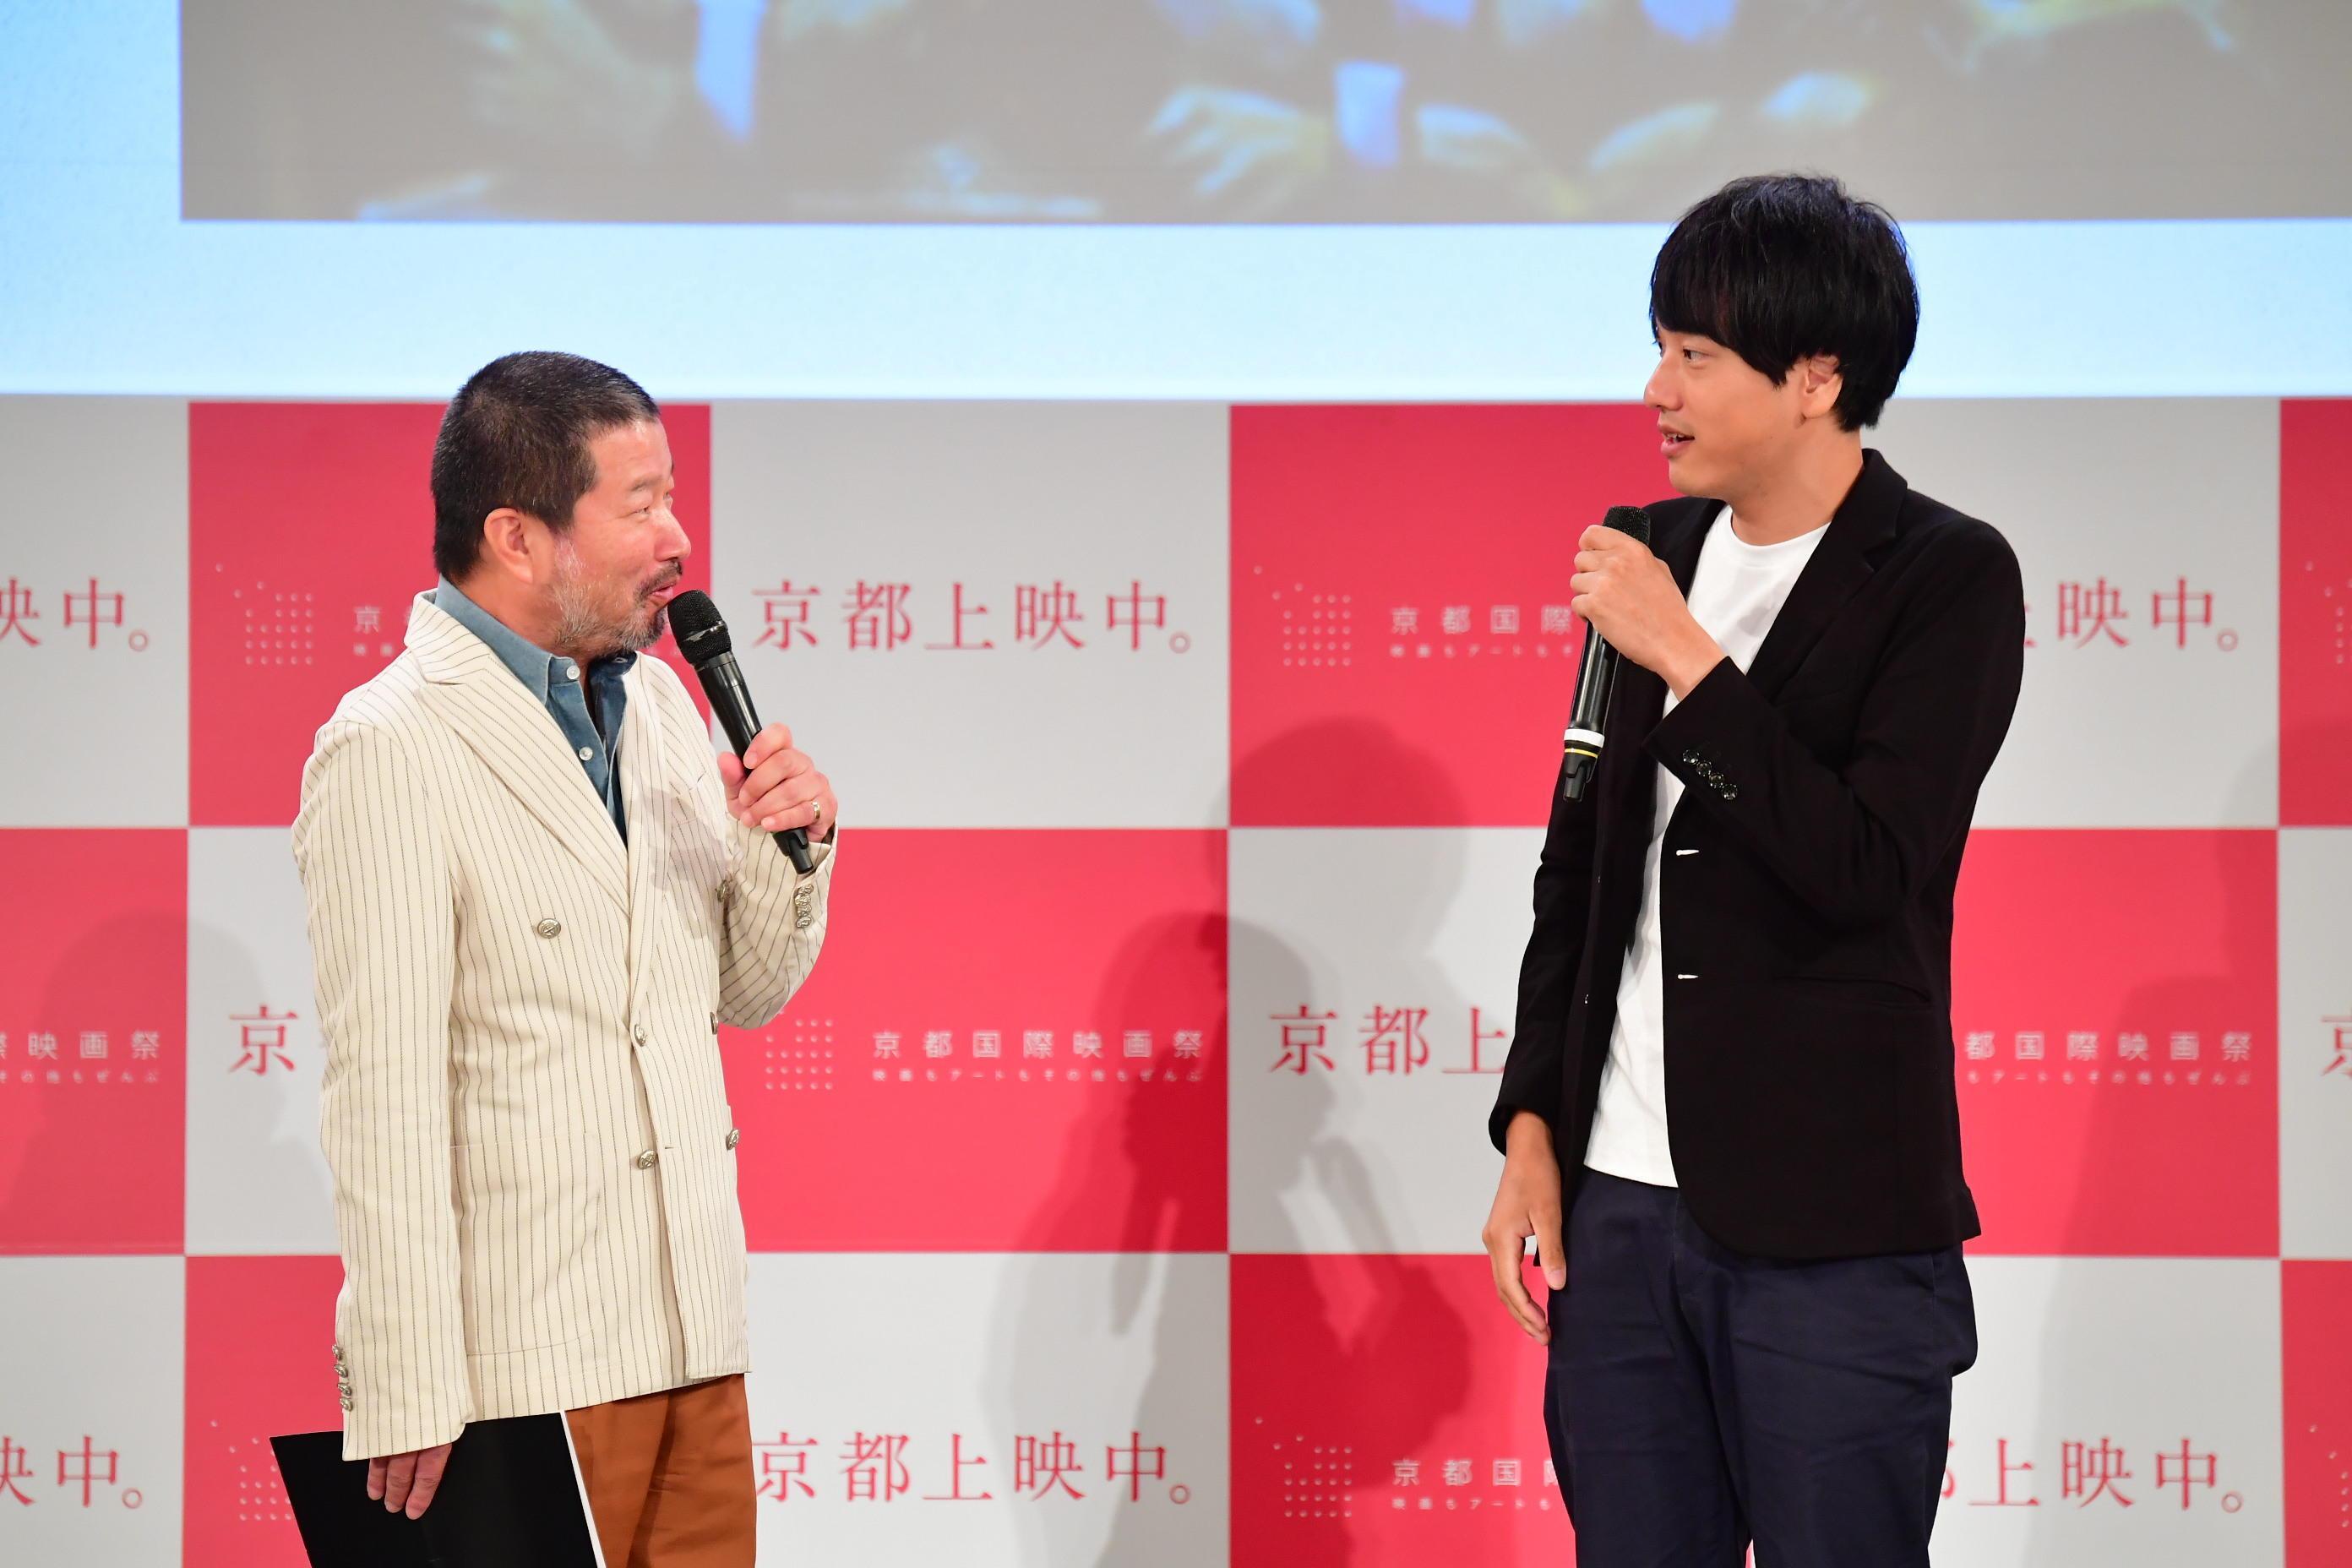 http://news.yoshimoto.co.jp/20180903233229-fbe9c9e67747ba414341e4b2c30baf1cfeecb931.jpg